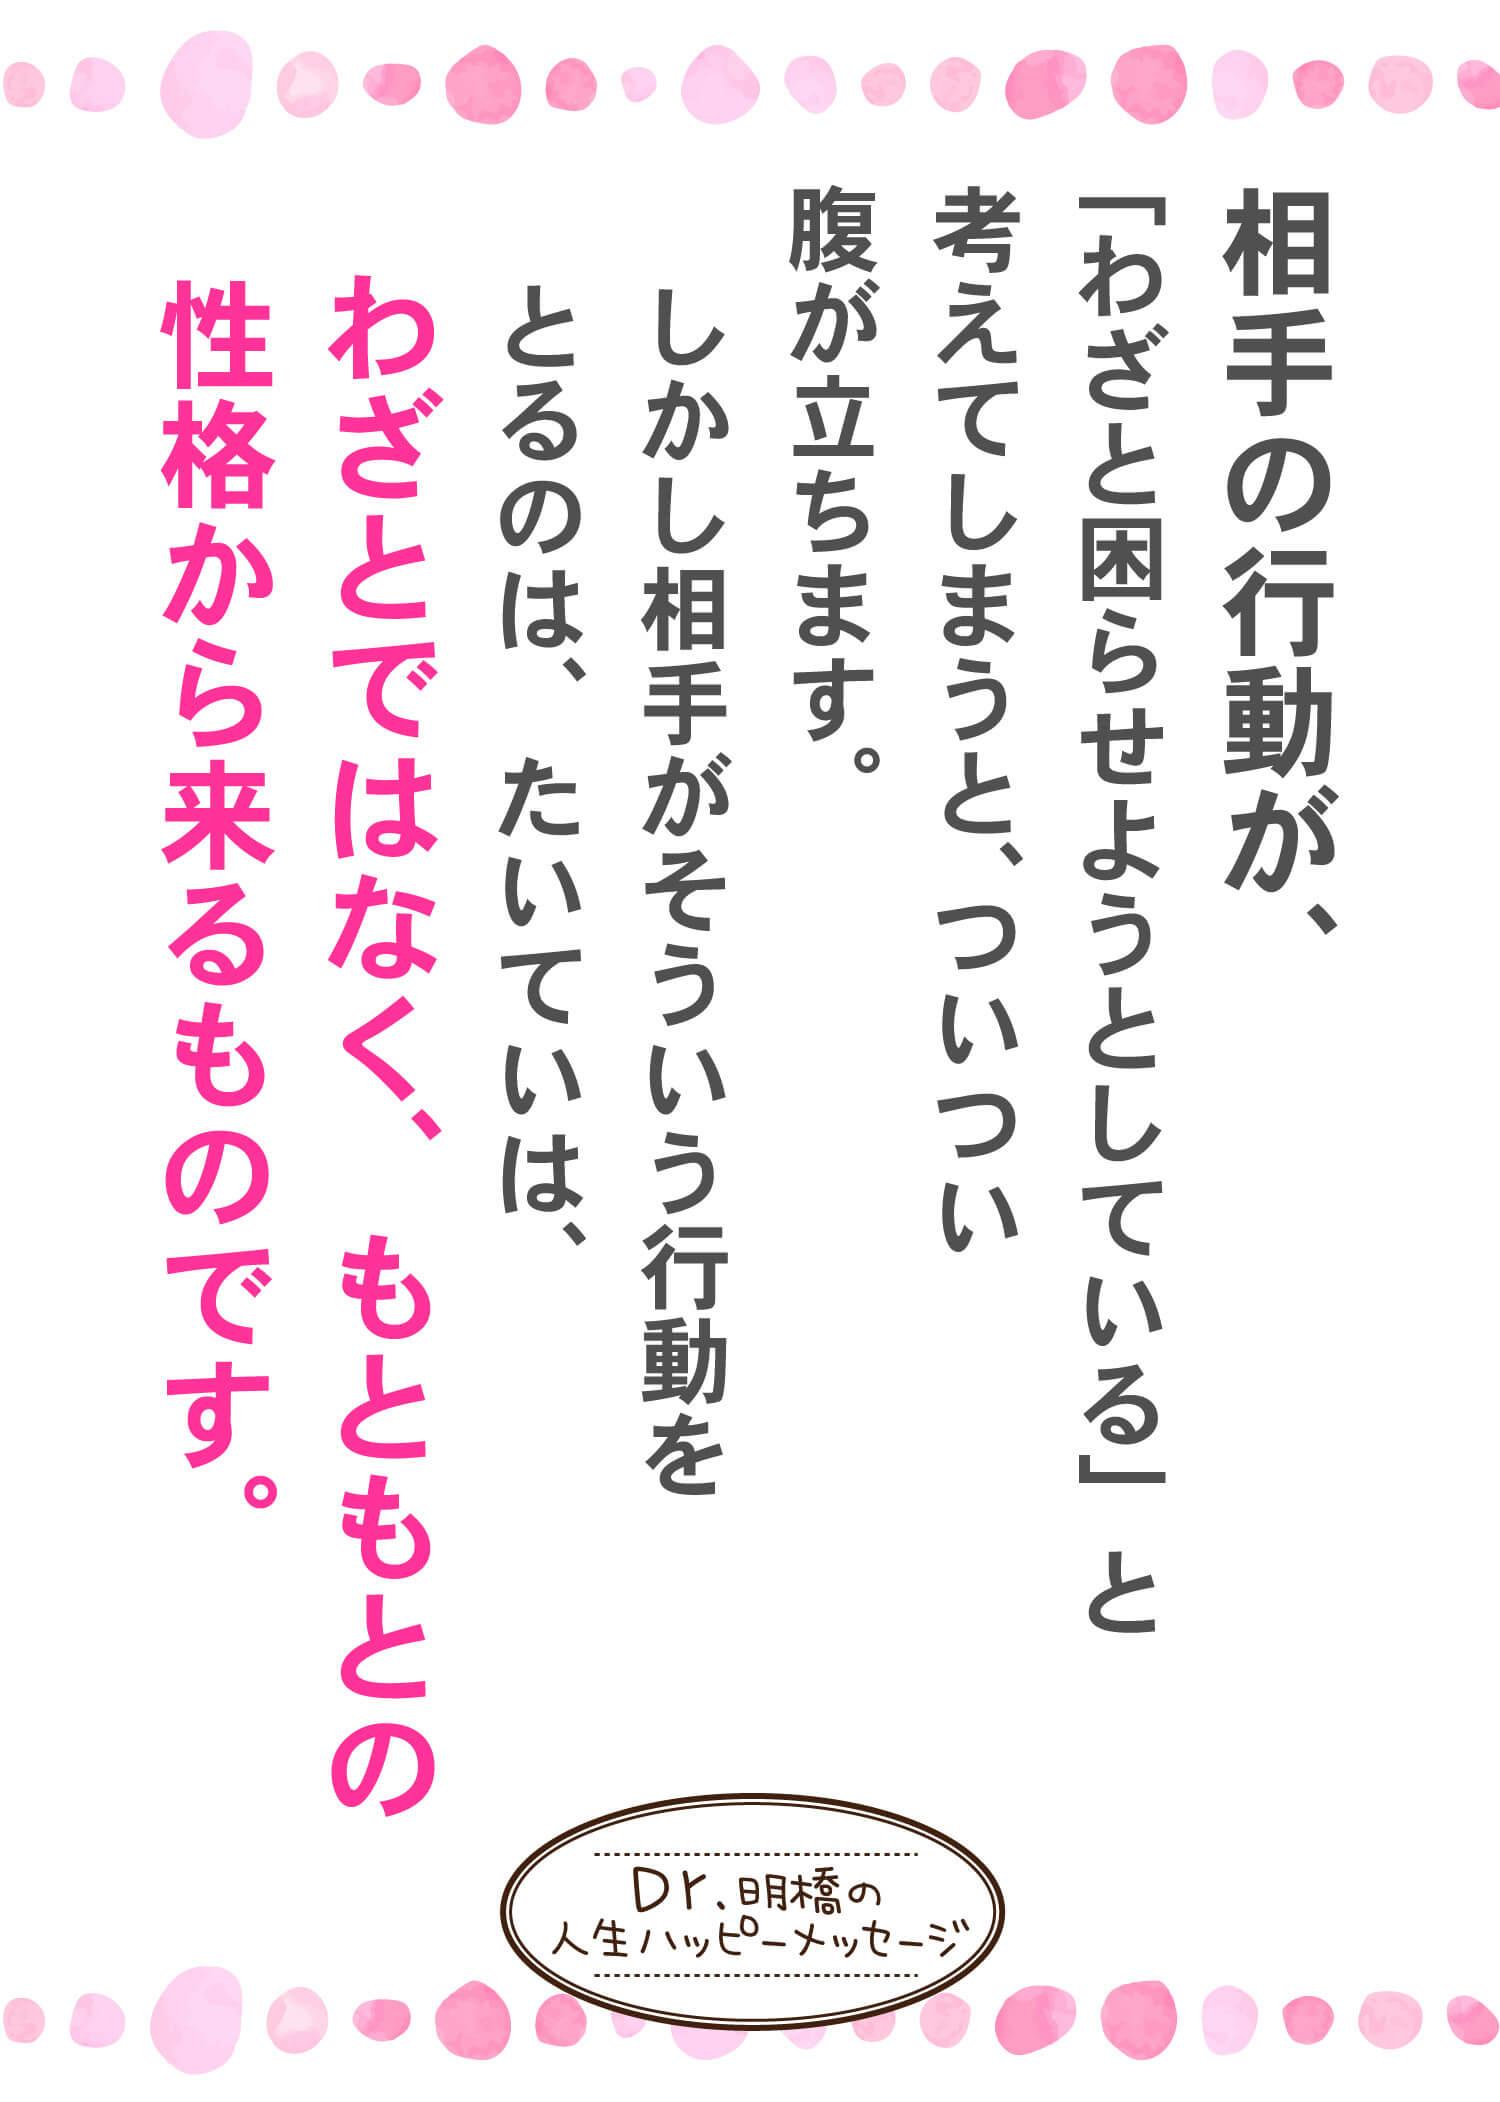 1月15日ハッピーメッセージの画像1